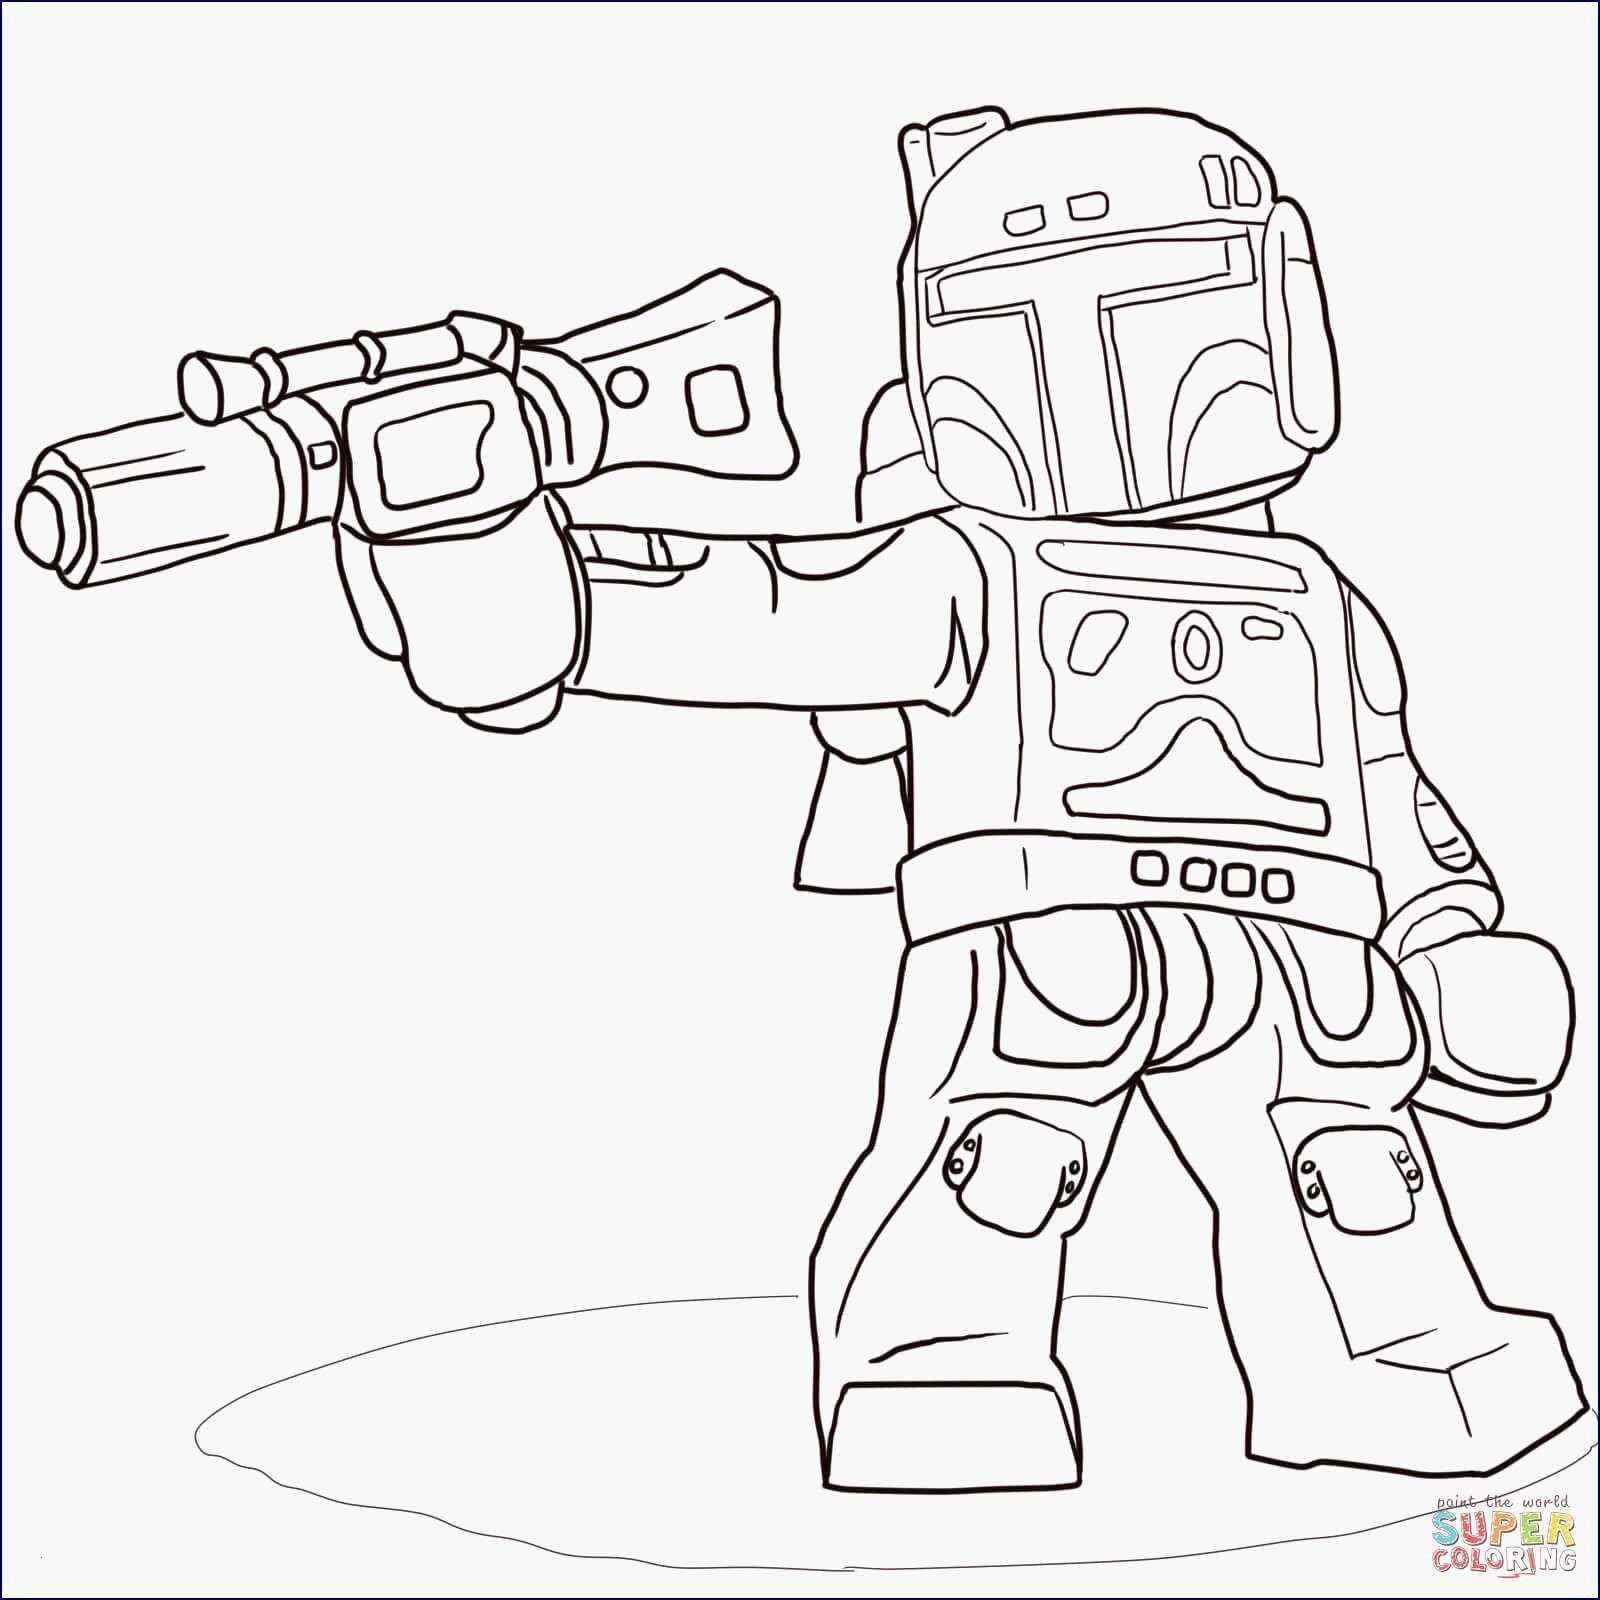 Star Wars Ausmalbilder General Grievous Einzigartig Eine Sammlung Von Färbung Bilder Lego Ninjago Ausmalbilder Schön Bilder